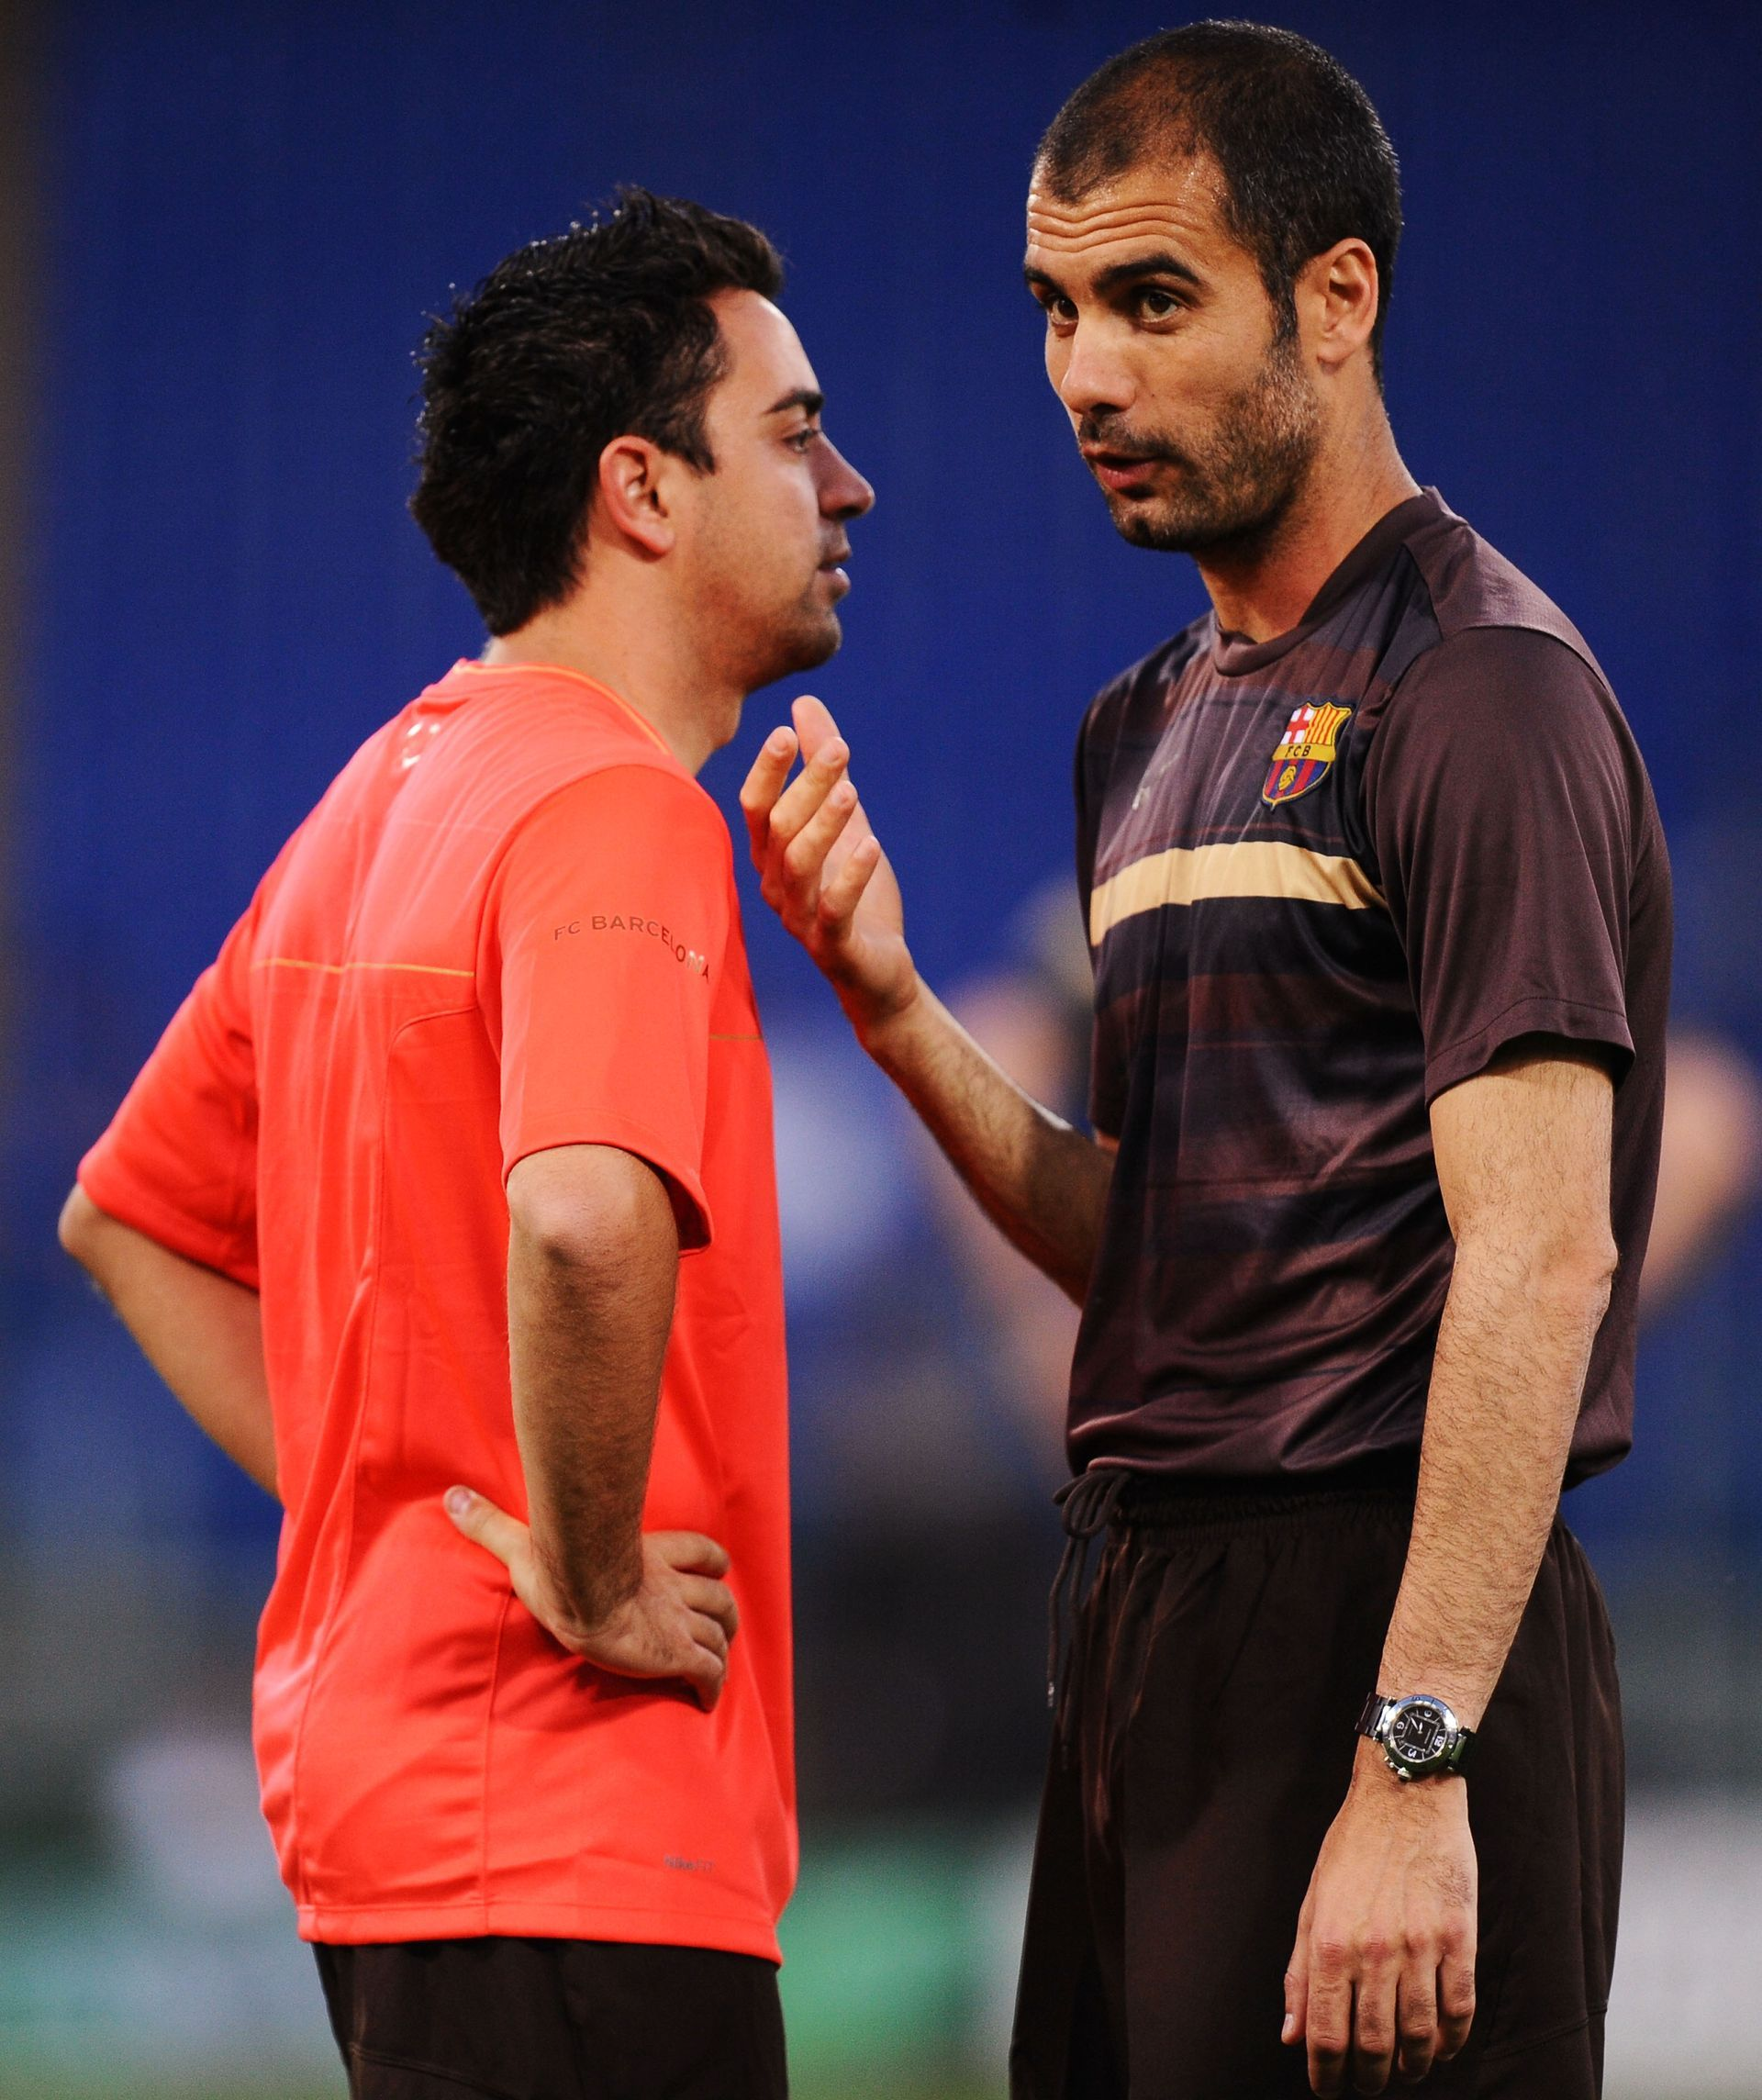 С ментора му, идол като футболист и пример като треньор - Пеп Гуардиола